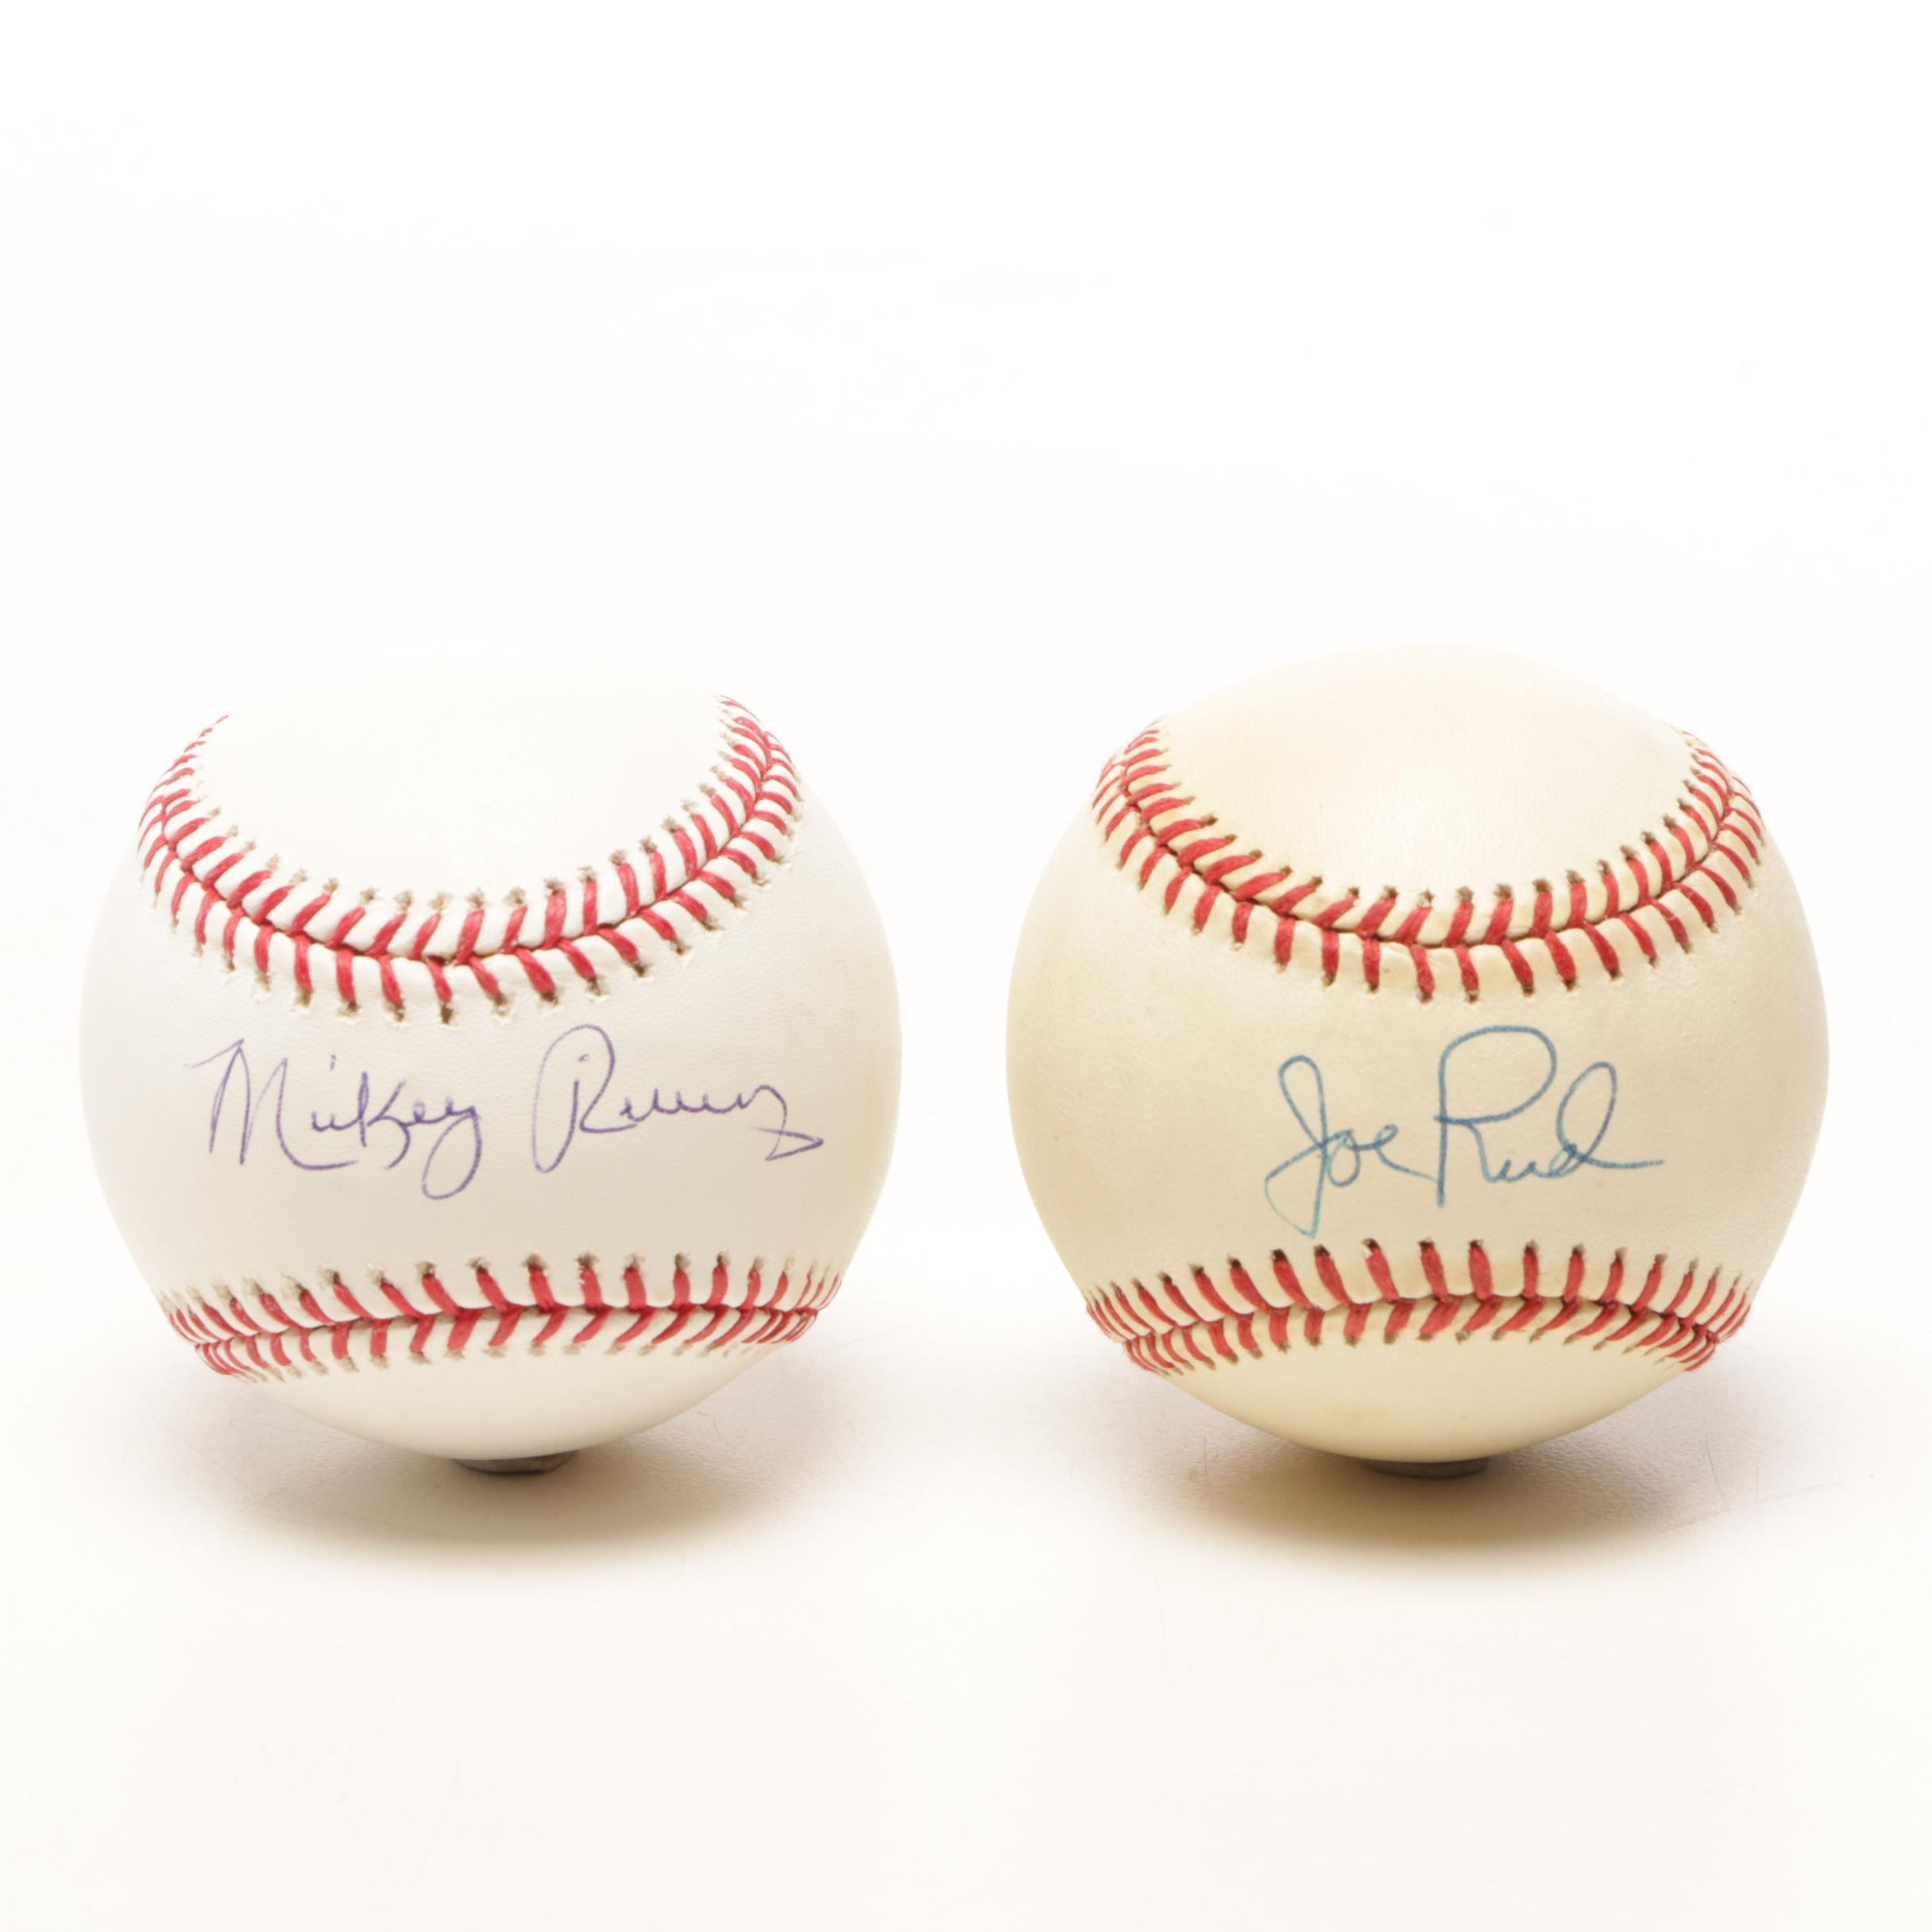 Joe Rudi and Mickey Rivers Signed Rawlings Major League Baseballs